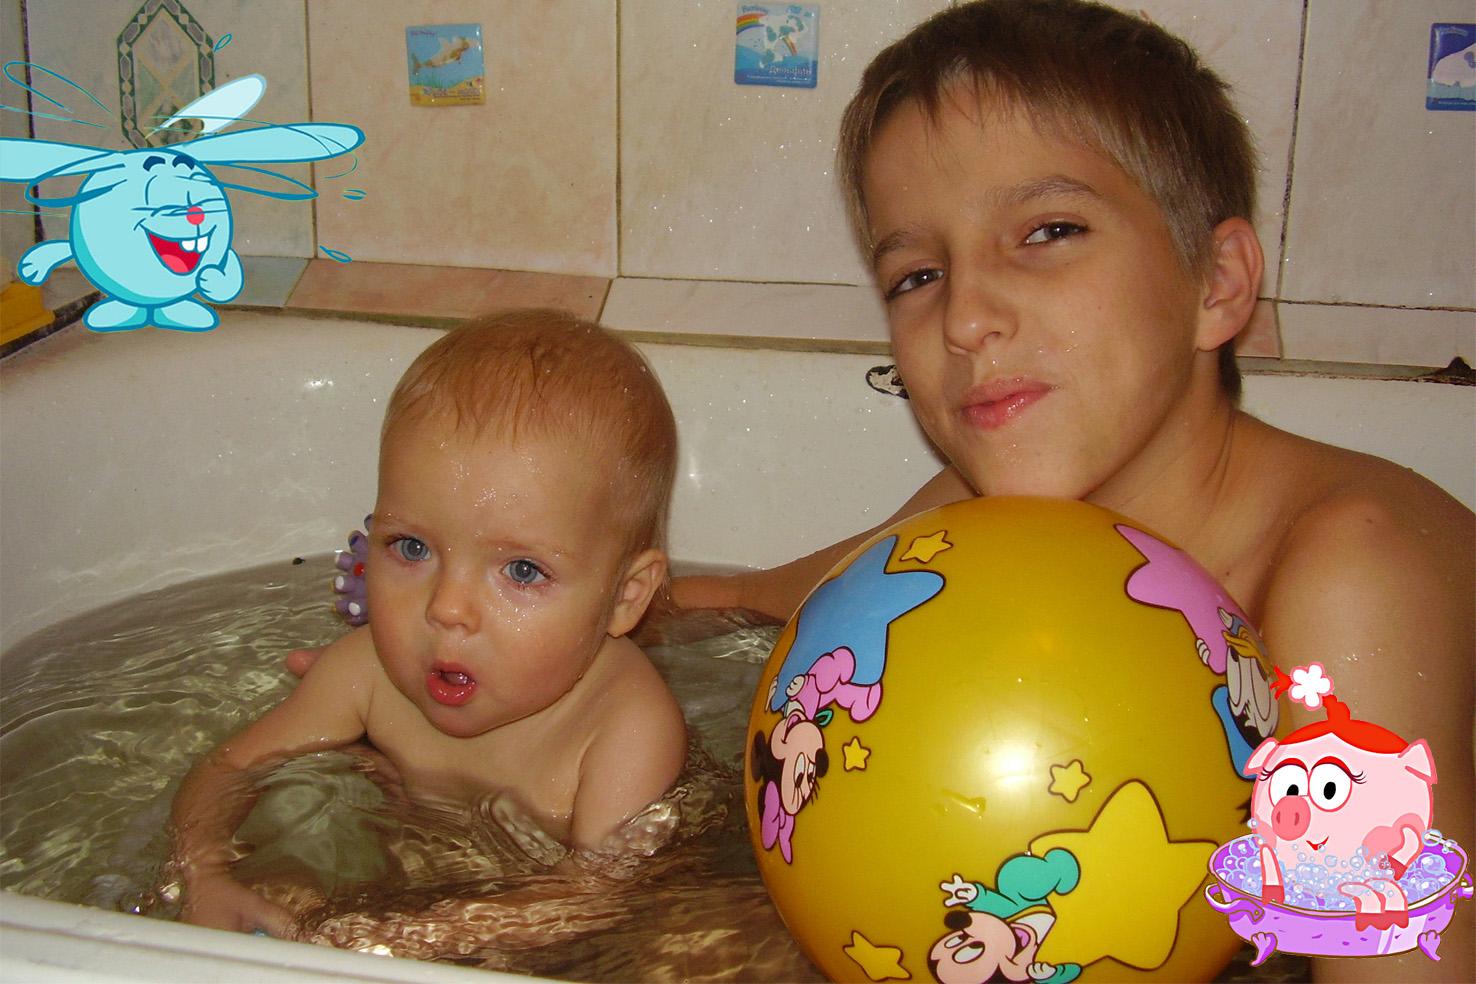 Сестра с братом купаются фото, Брат трахнул сестрицу в попку и другие порно фото 7 фотография